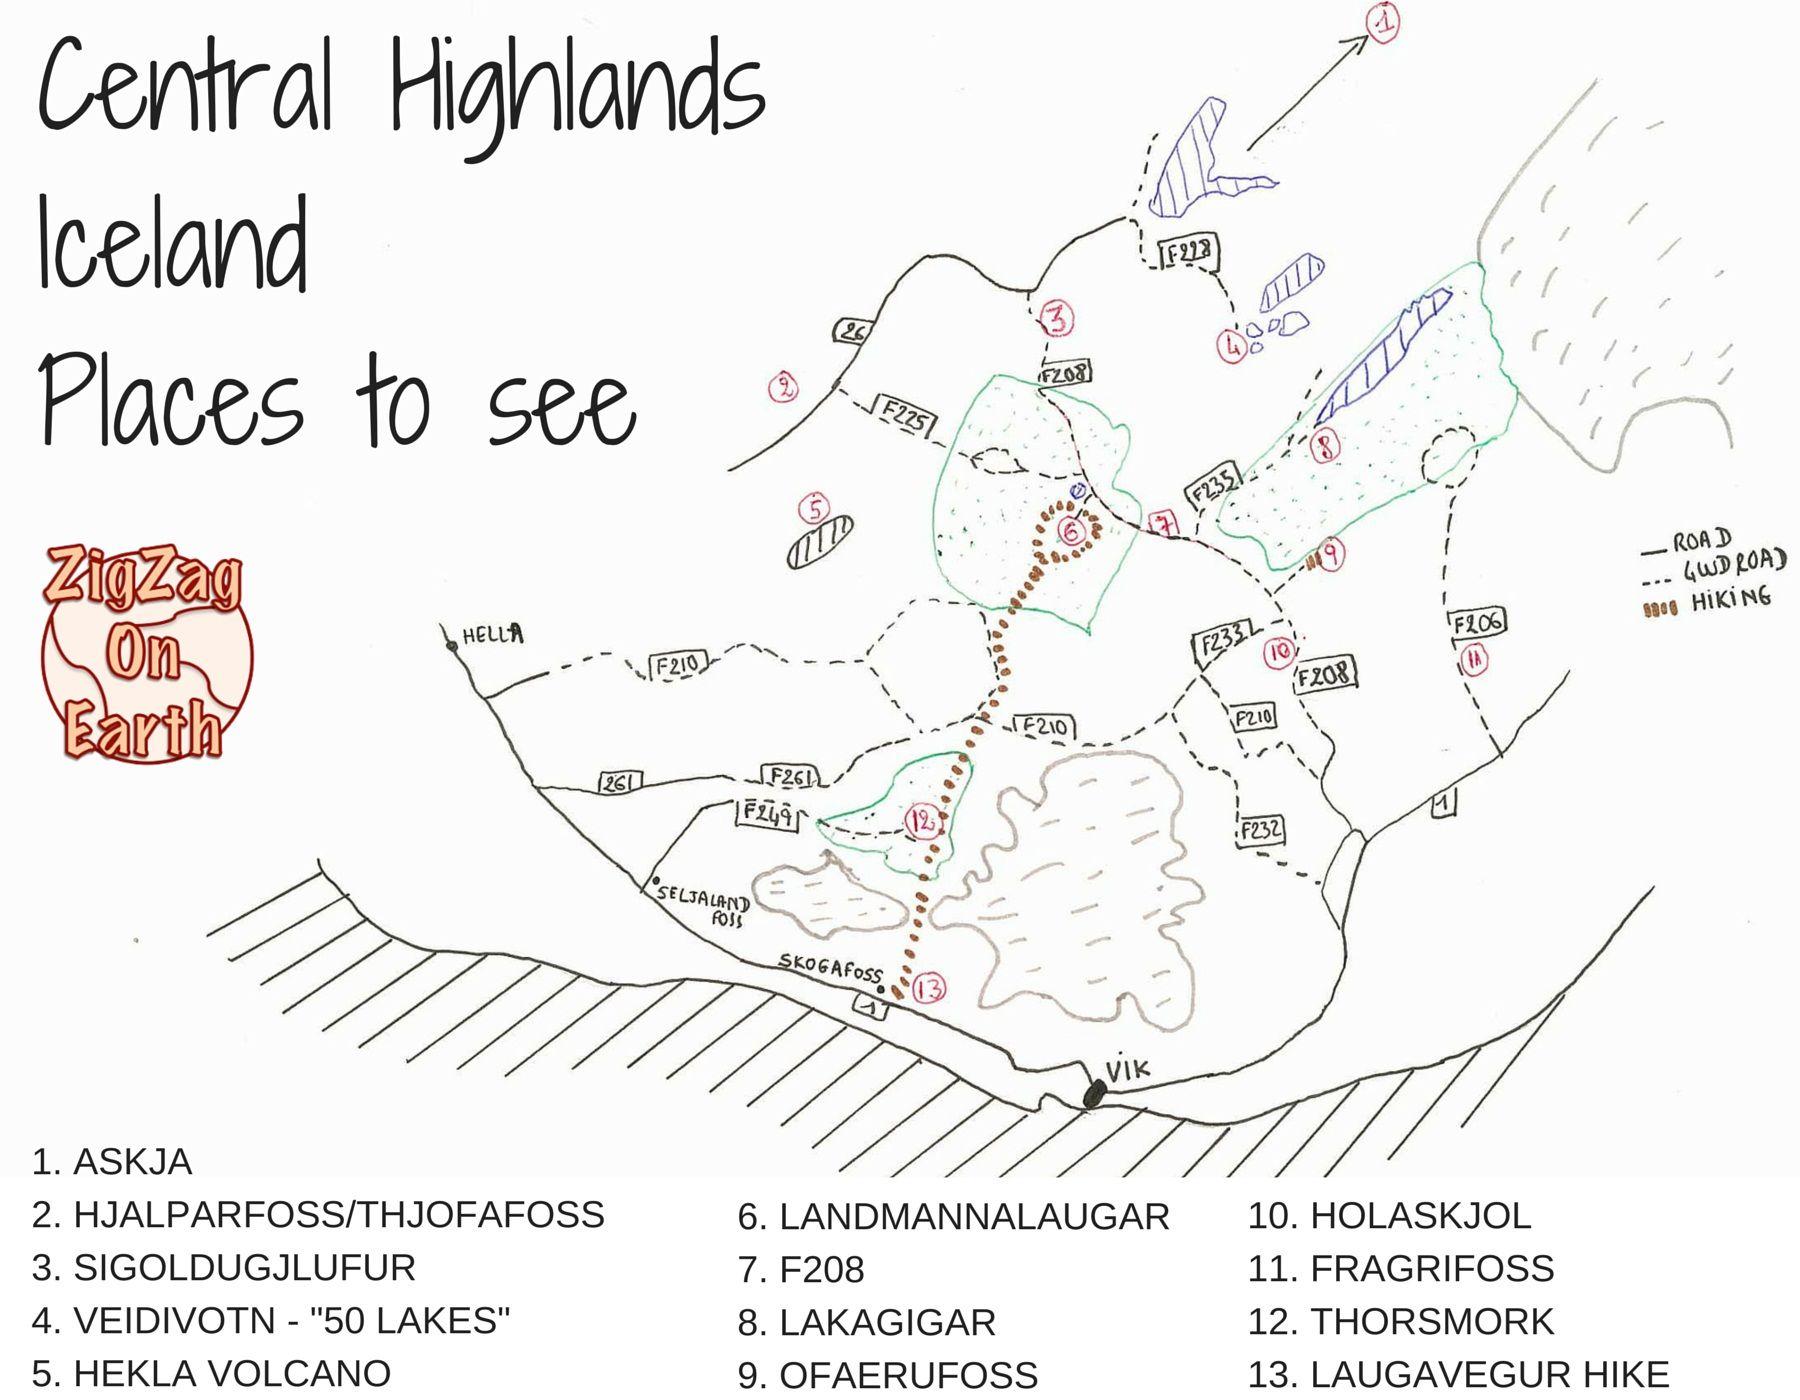 Guide Central Highlands Iceland